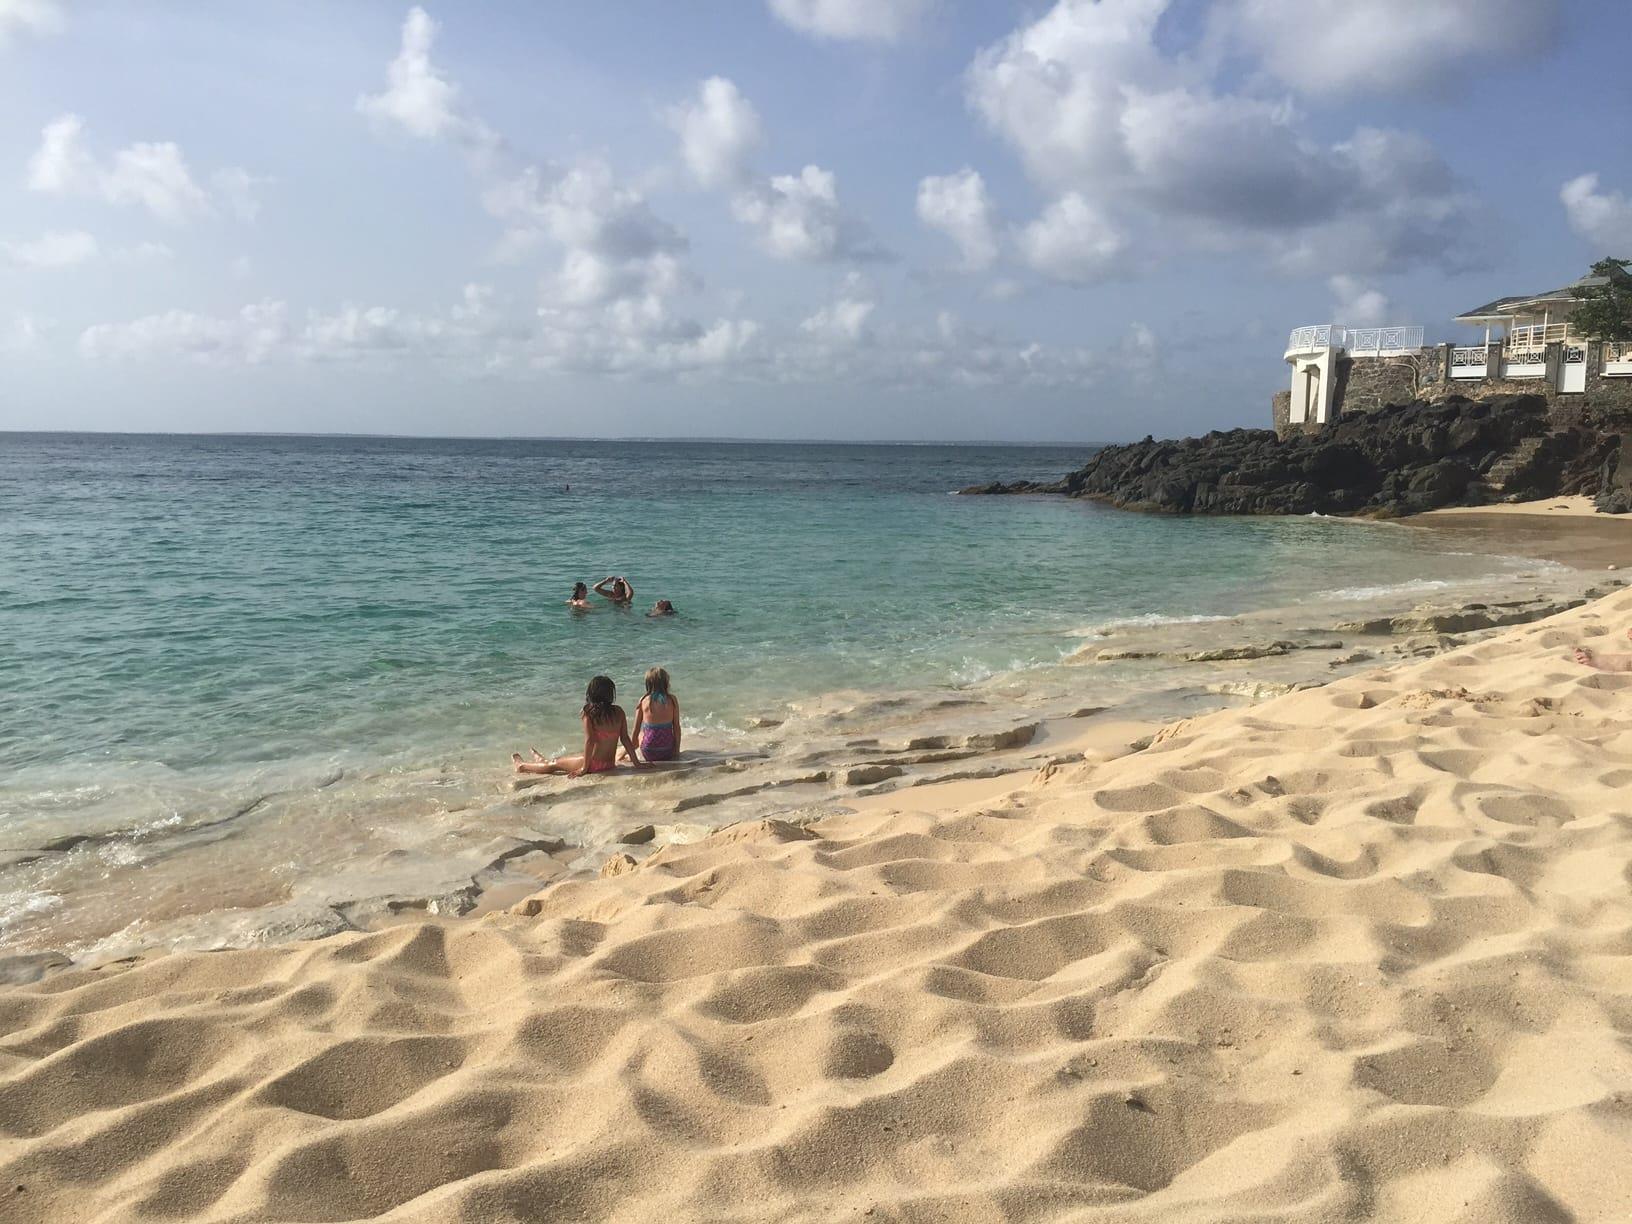 One Way to do St. Maarten - Orient Beach   Solent Richard